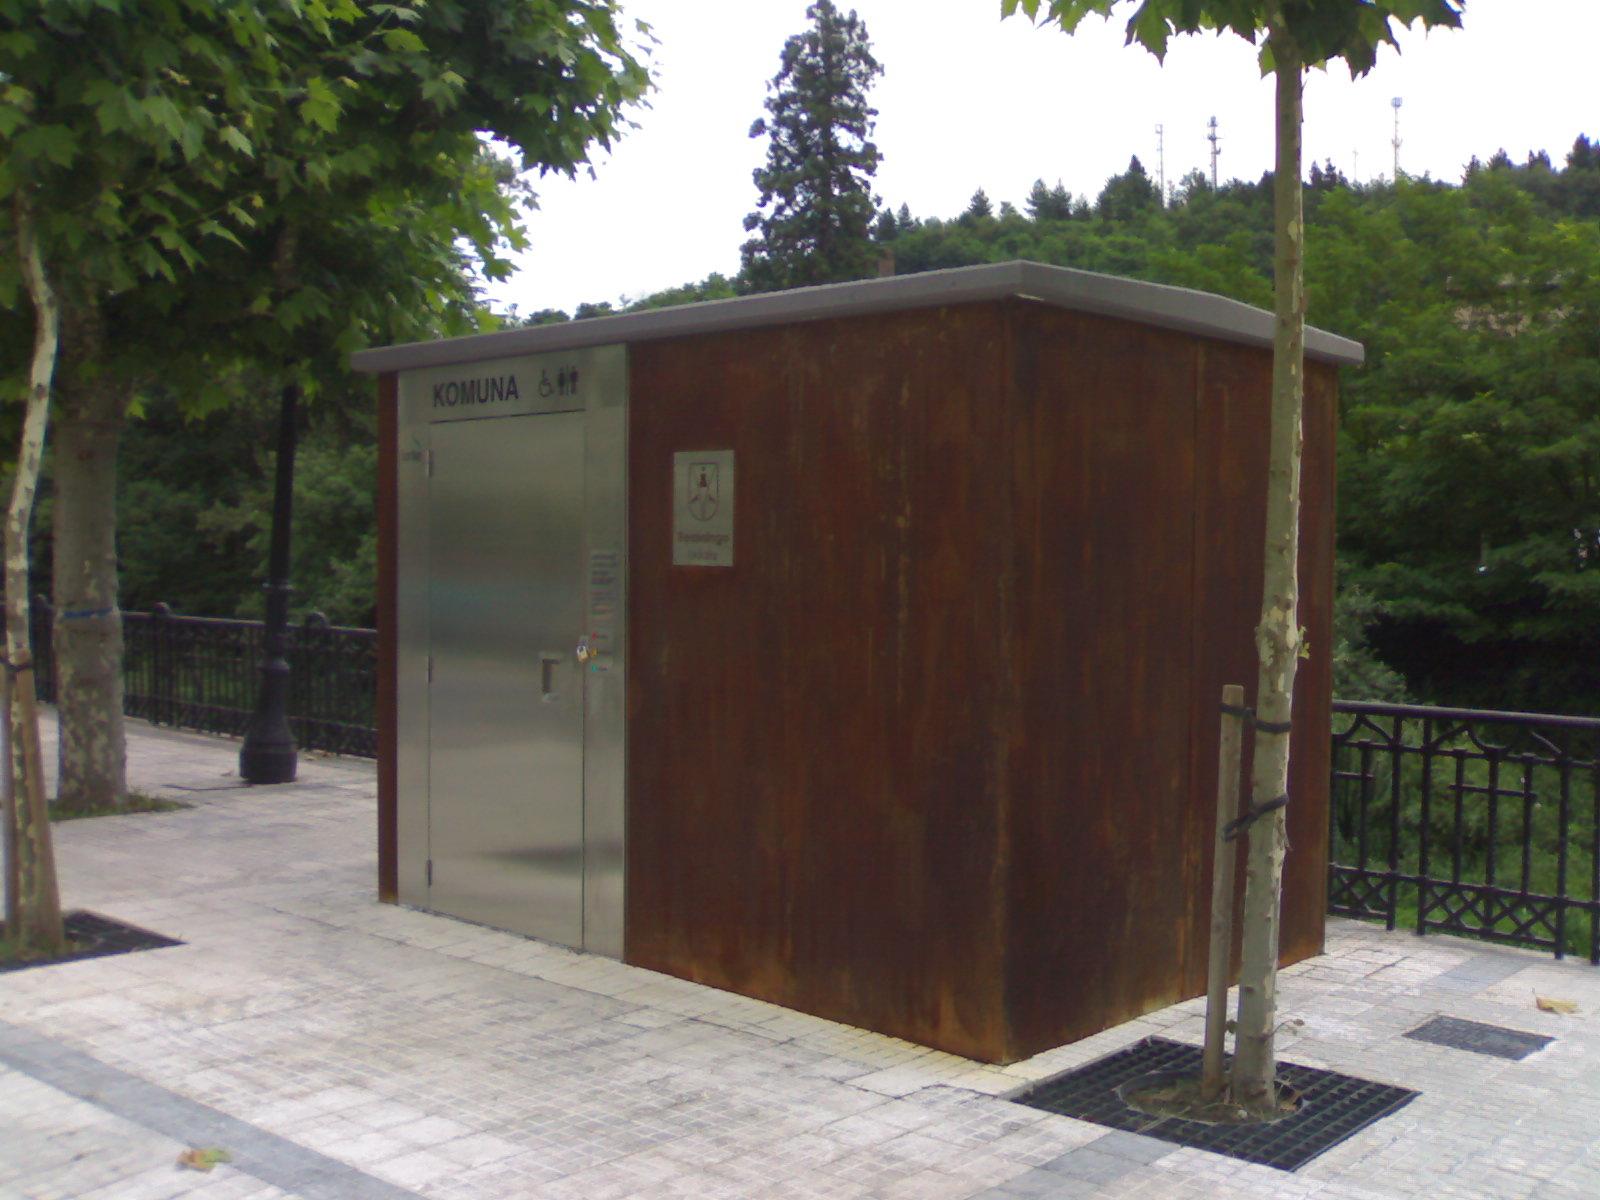 Nouvelle Toilette Muskiz | Toilettes Publiques encequiconcerne Toilettes Publics